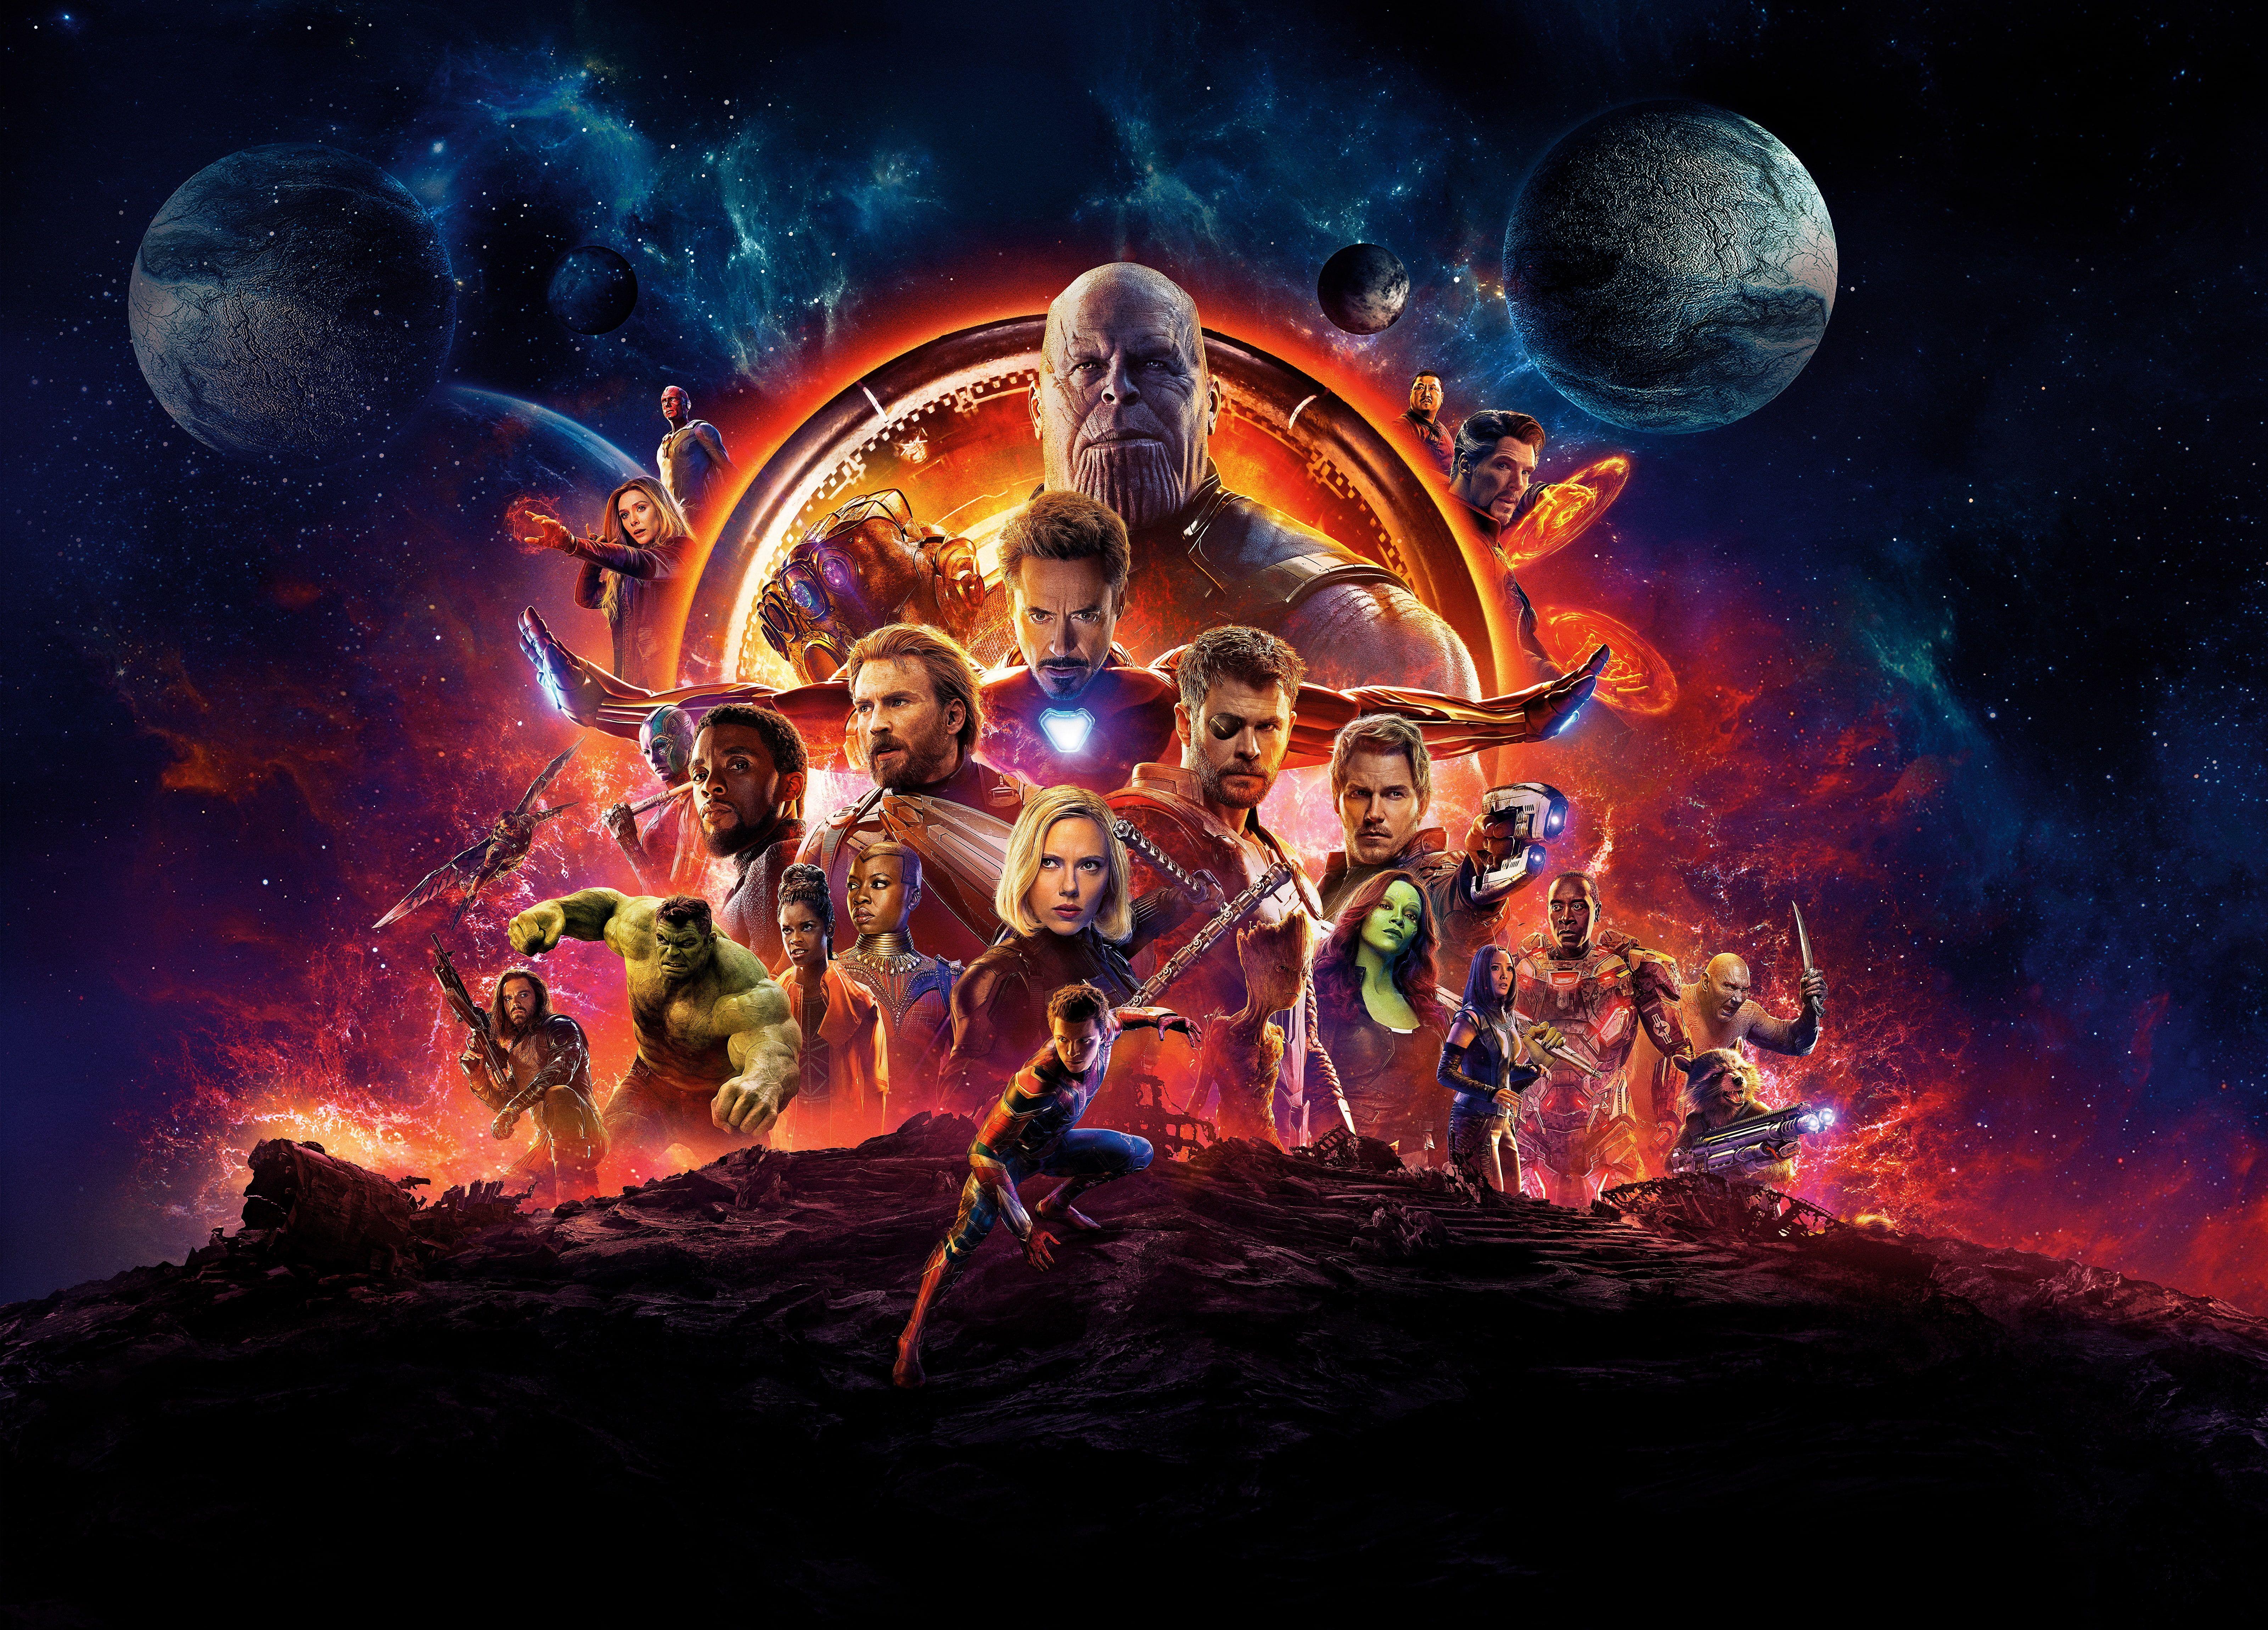 Marvel Avengers Infinity War Digital Wallpaper Scarlett Johansson Infinity Vision Hulk Nebula Iron Man Black Panther Marvel Avengers Infinity War Avengers